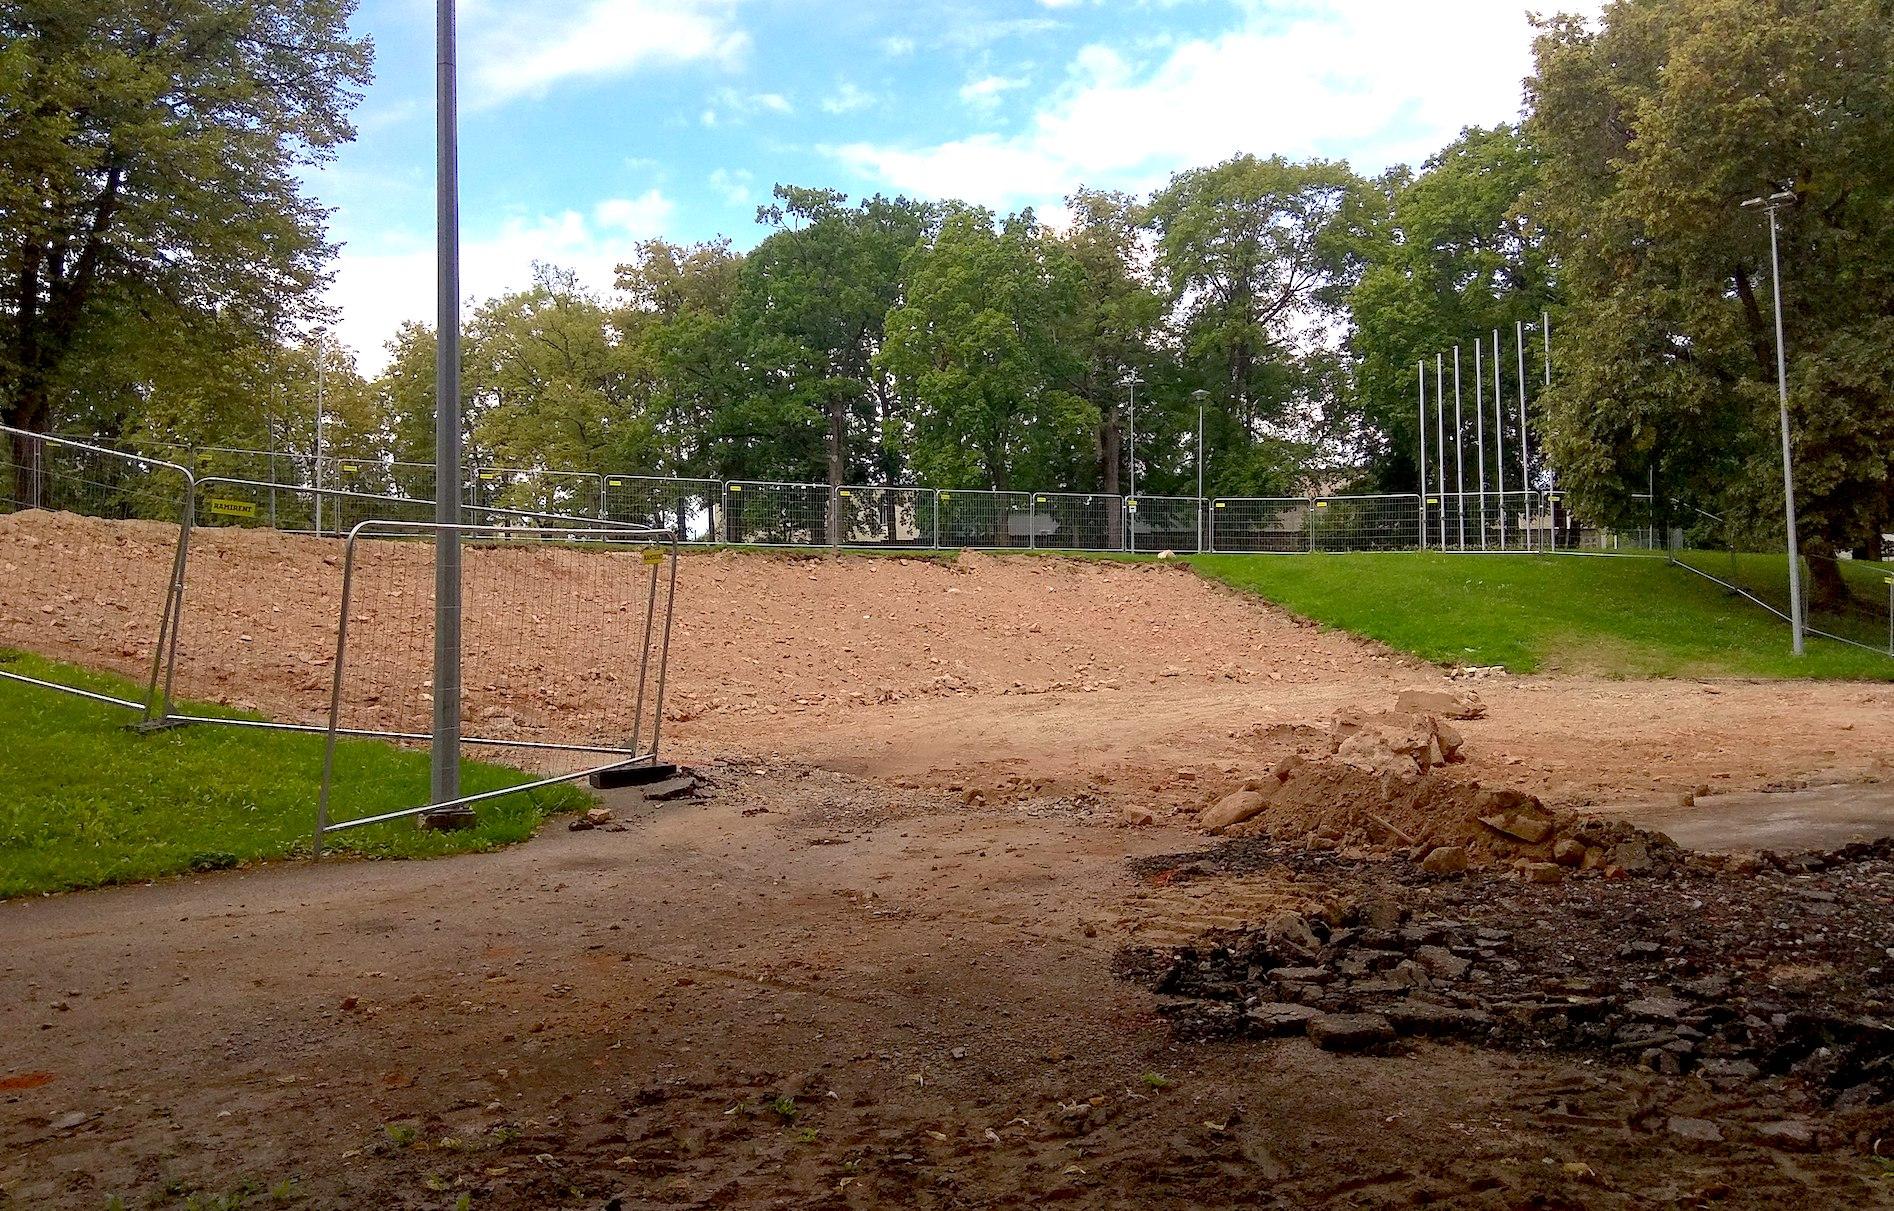 Šiuo metu yra išgriauta senoji estrada, ji bus padidinta į vandens pusę. Bus įrengiamos naujos sėdėjimo vietos žmonėms, jų bus 1 100./ Dimitrijaus Kuprijanovo nuotr.